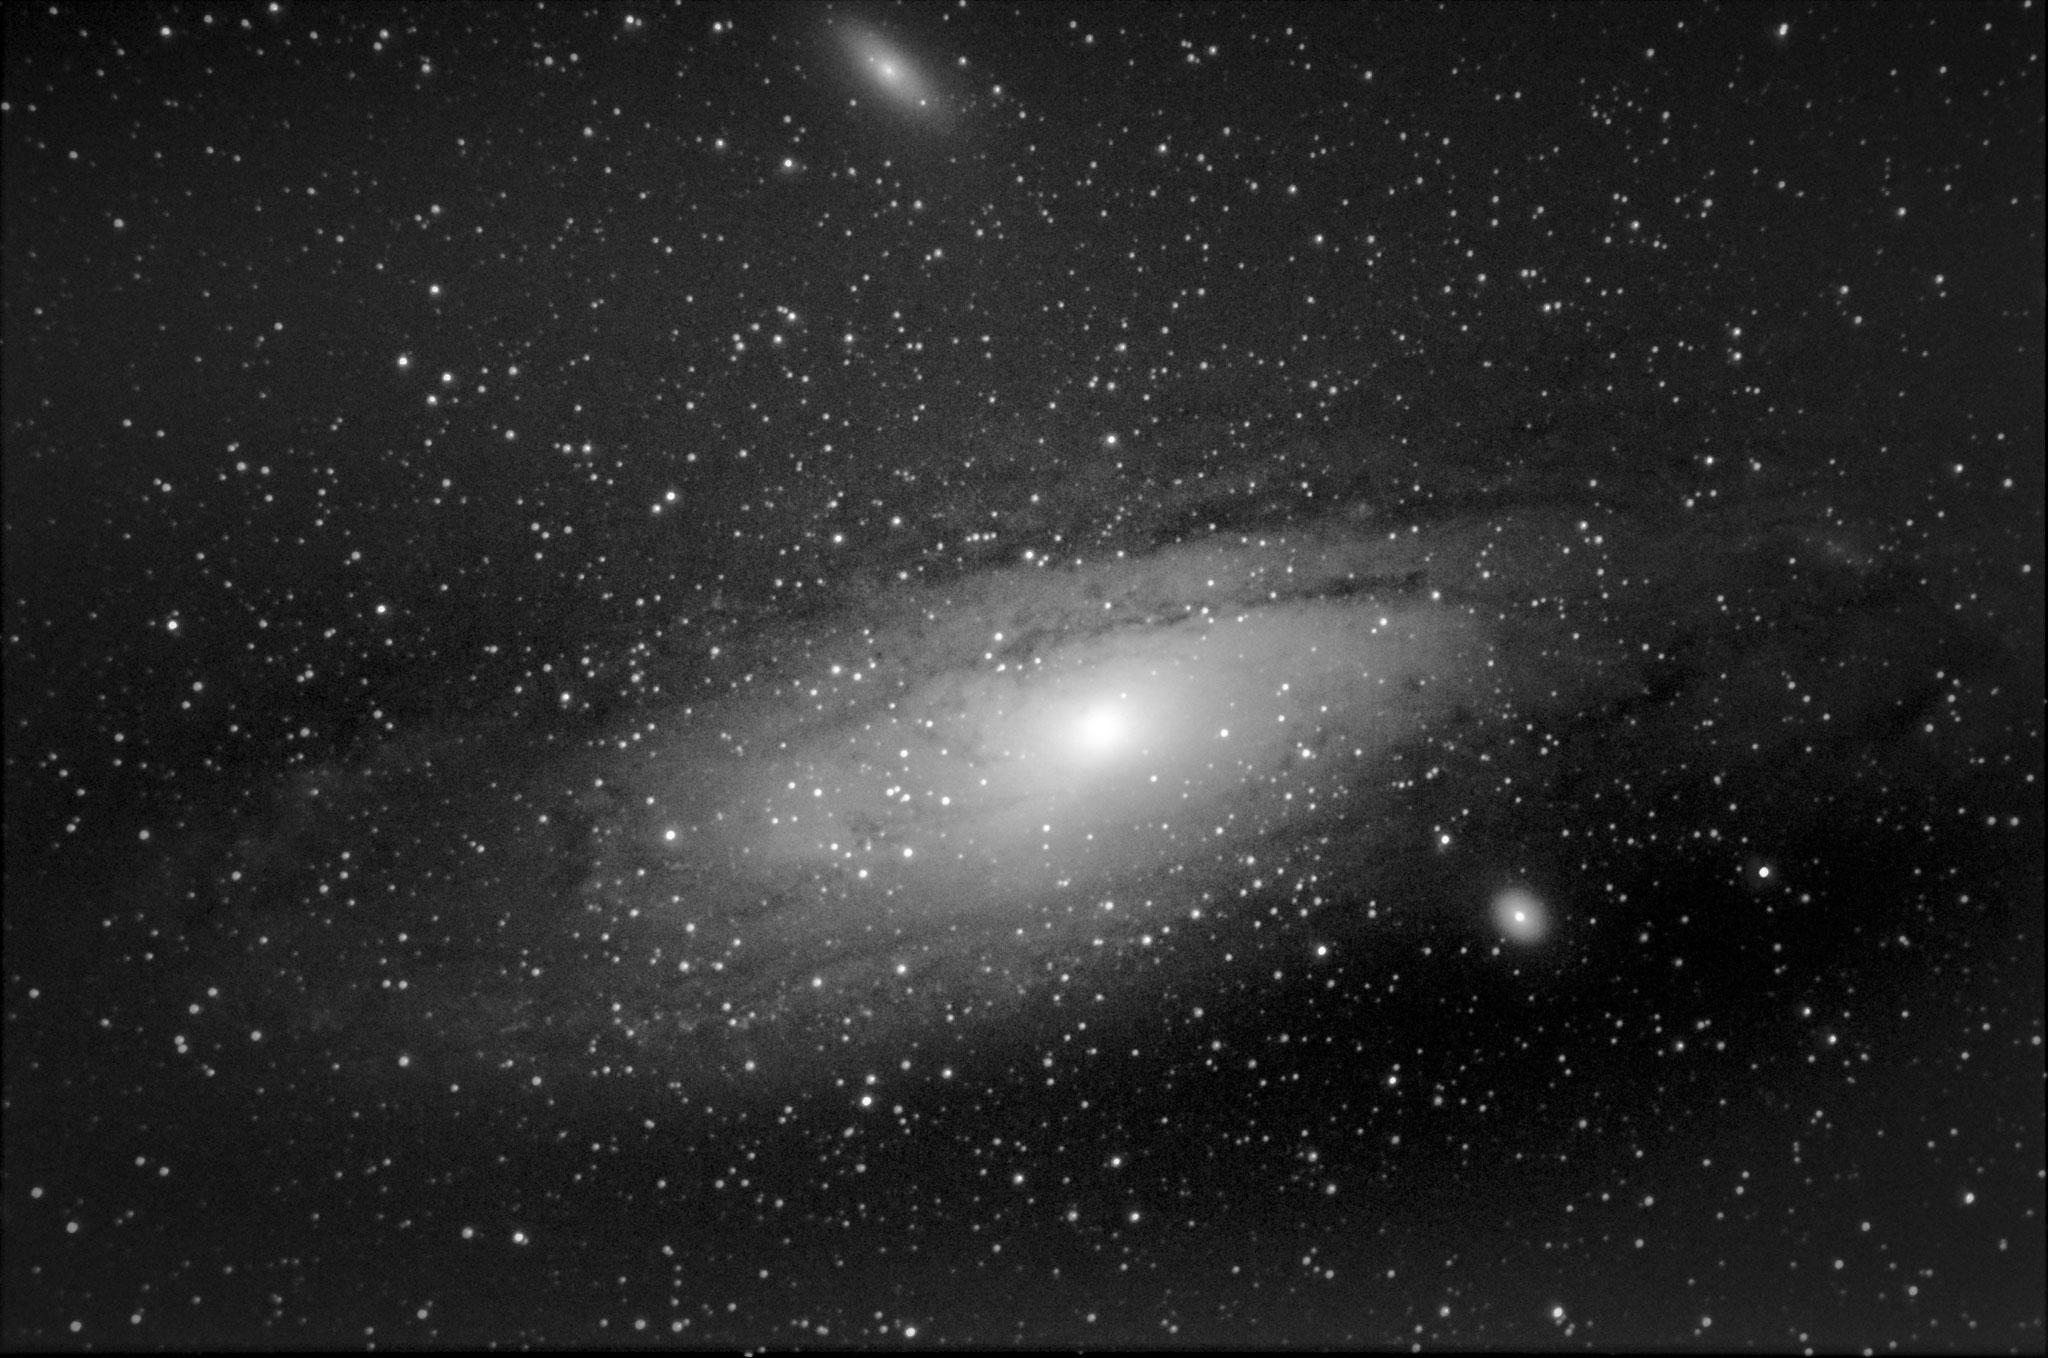 M31 - galaxie d'andromède (19 poses de 25 s à 3200 iso- 10 darks- pas de flat -Loïc  THULLIEZ- lunette achromatique 150/750 / HEQ5 motorisée non guidée/APN pentax K50  - traitement iris/lightroom) passé en N&B sous lightroom, à reprendre ss IRIS